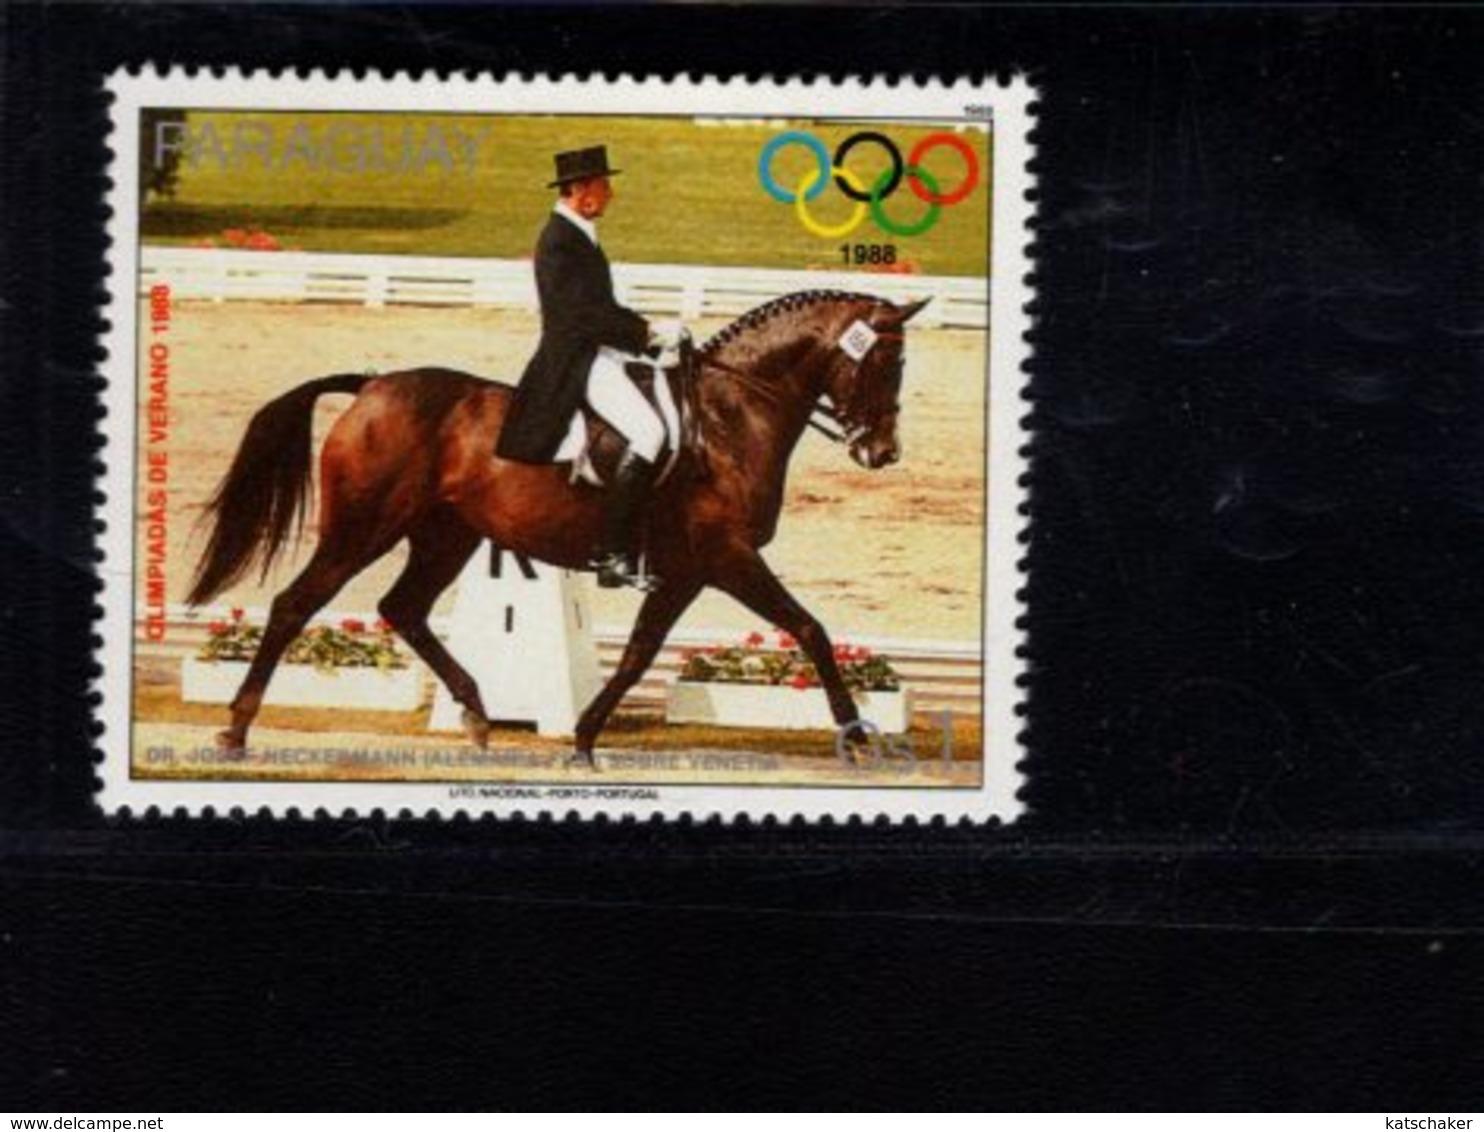 739918325 POSTFRIS MINT NEVER HINGED POSTFRISCH EINWANDFREI  SCOTT 2243A 2243D - Paraguay